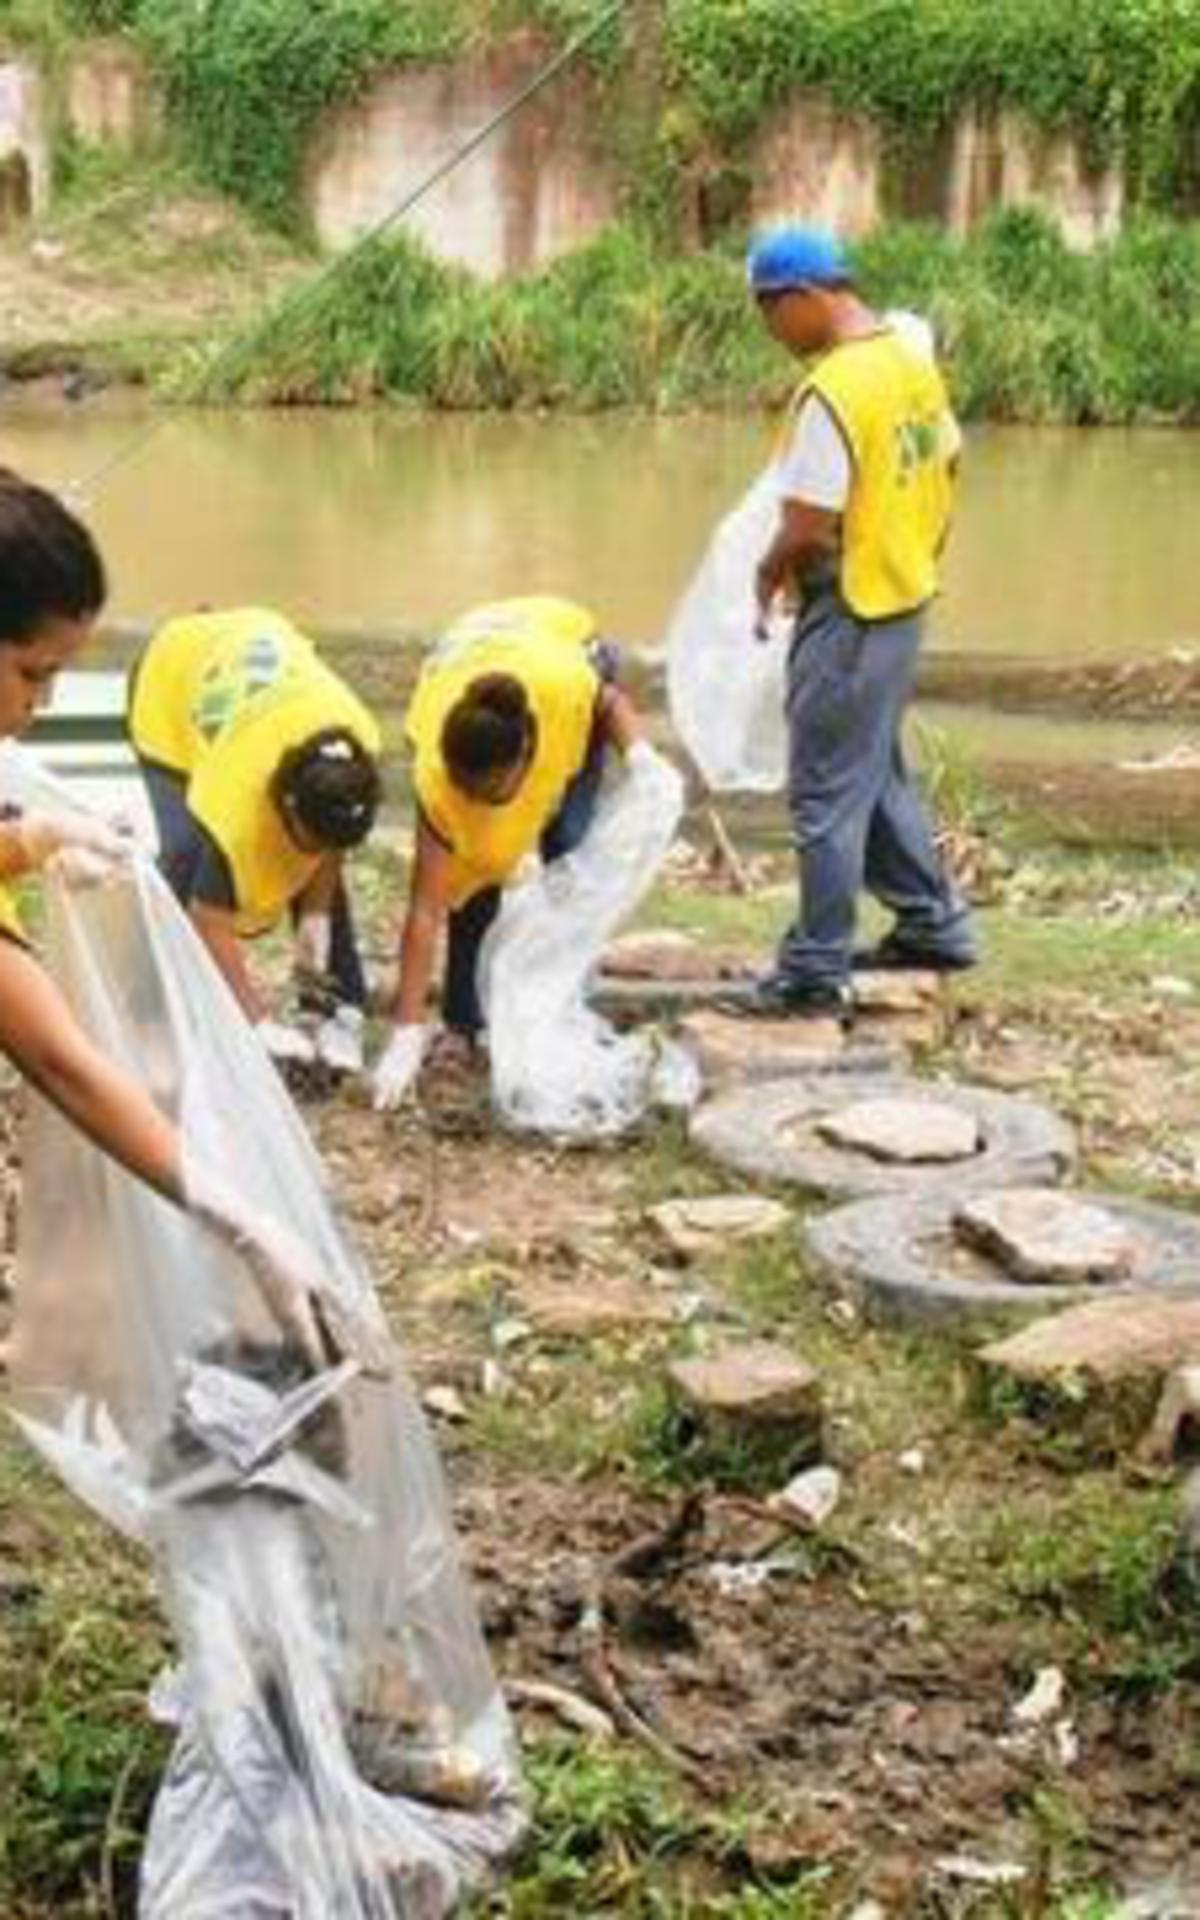 Hombres_y_mujeres_jovenes_del_barrio_de_Bella_Vista_prestan_servicio_en_la_orilla_del_Yaque_del_Norte - Copy.jpg